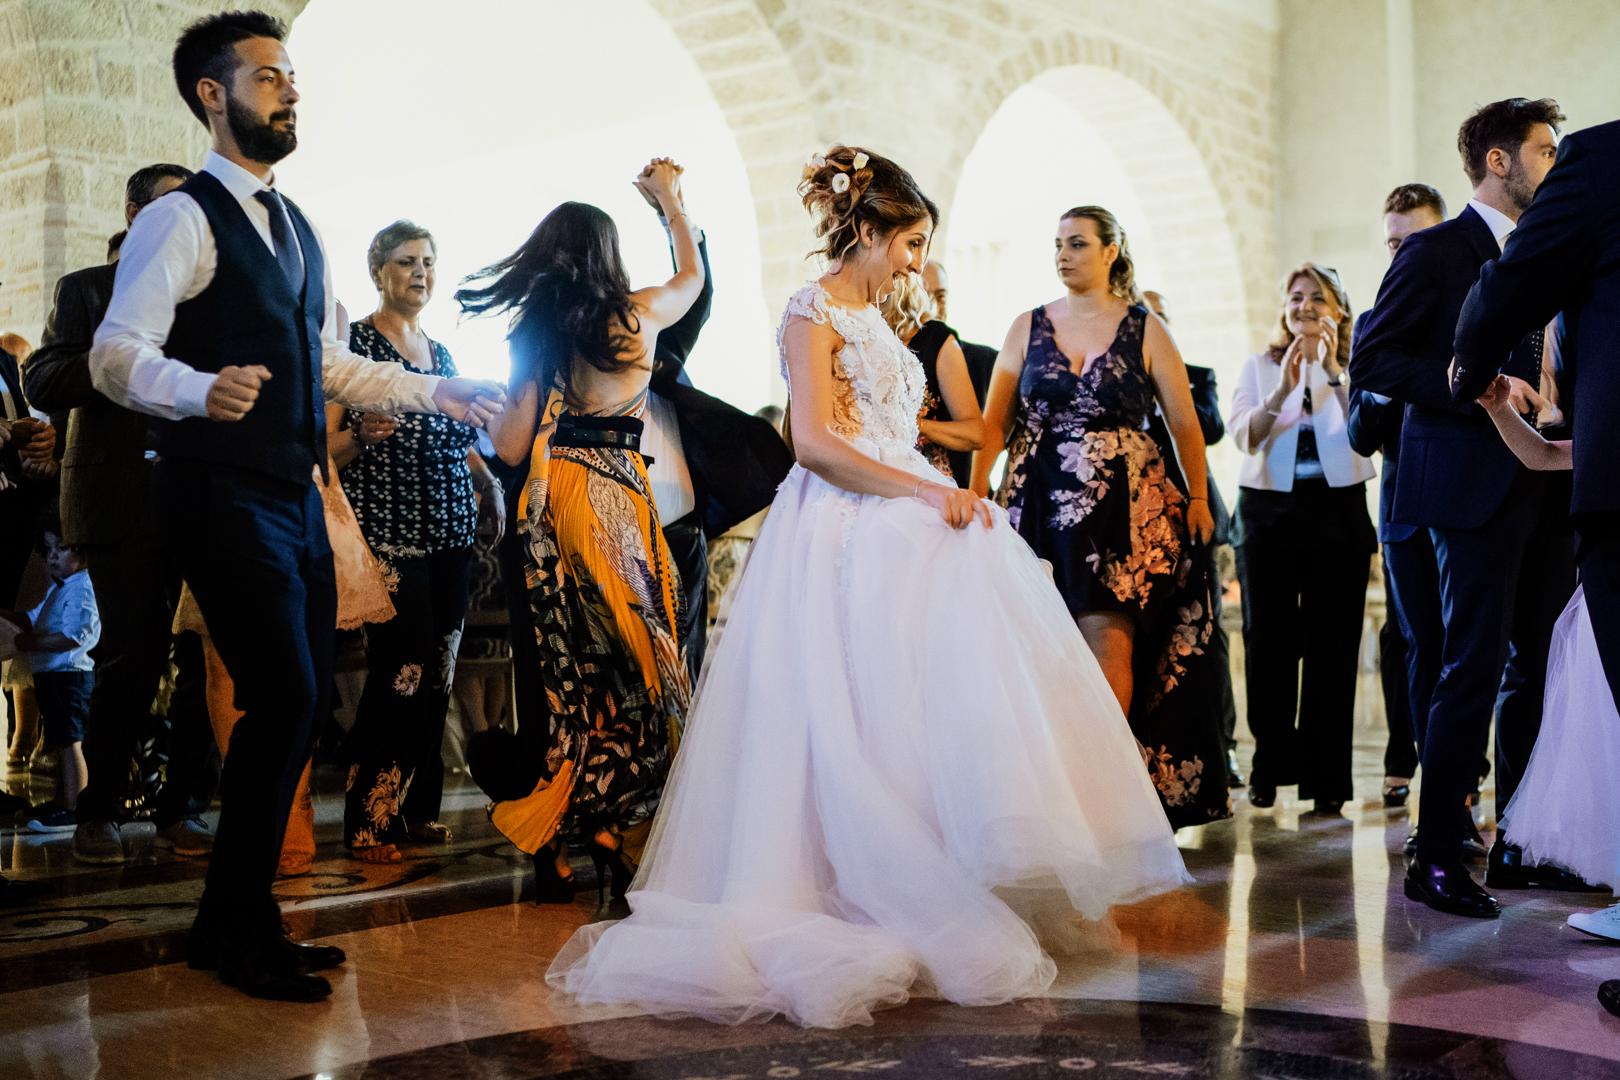 33 gianni-lepore-balli-wedding